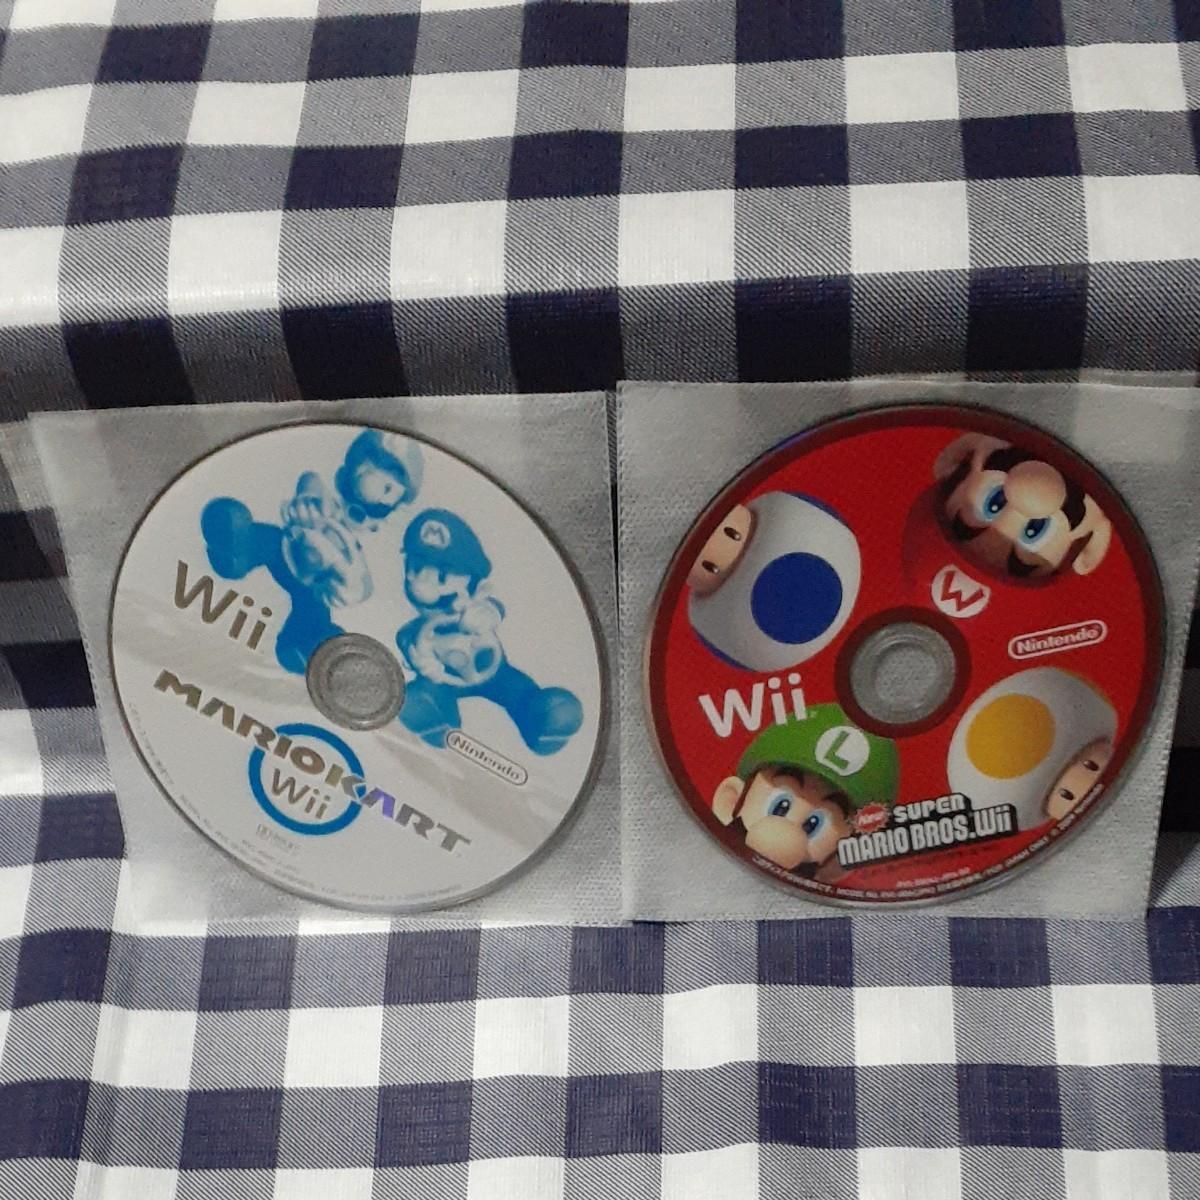 マリオカート+ニュー・スーパーマリオブラザーズ Wii